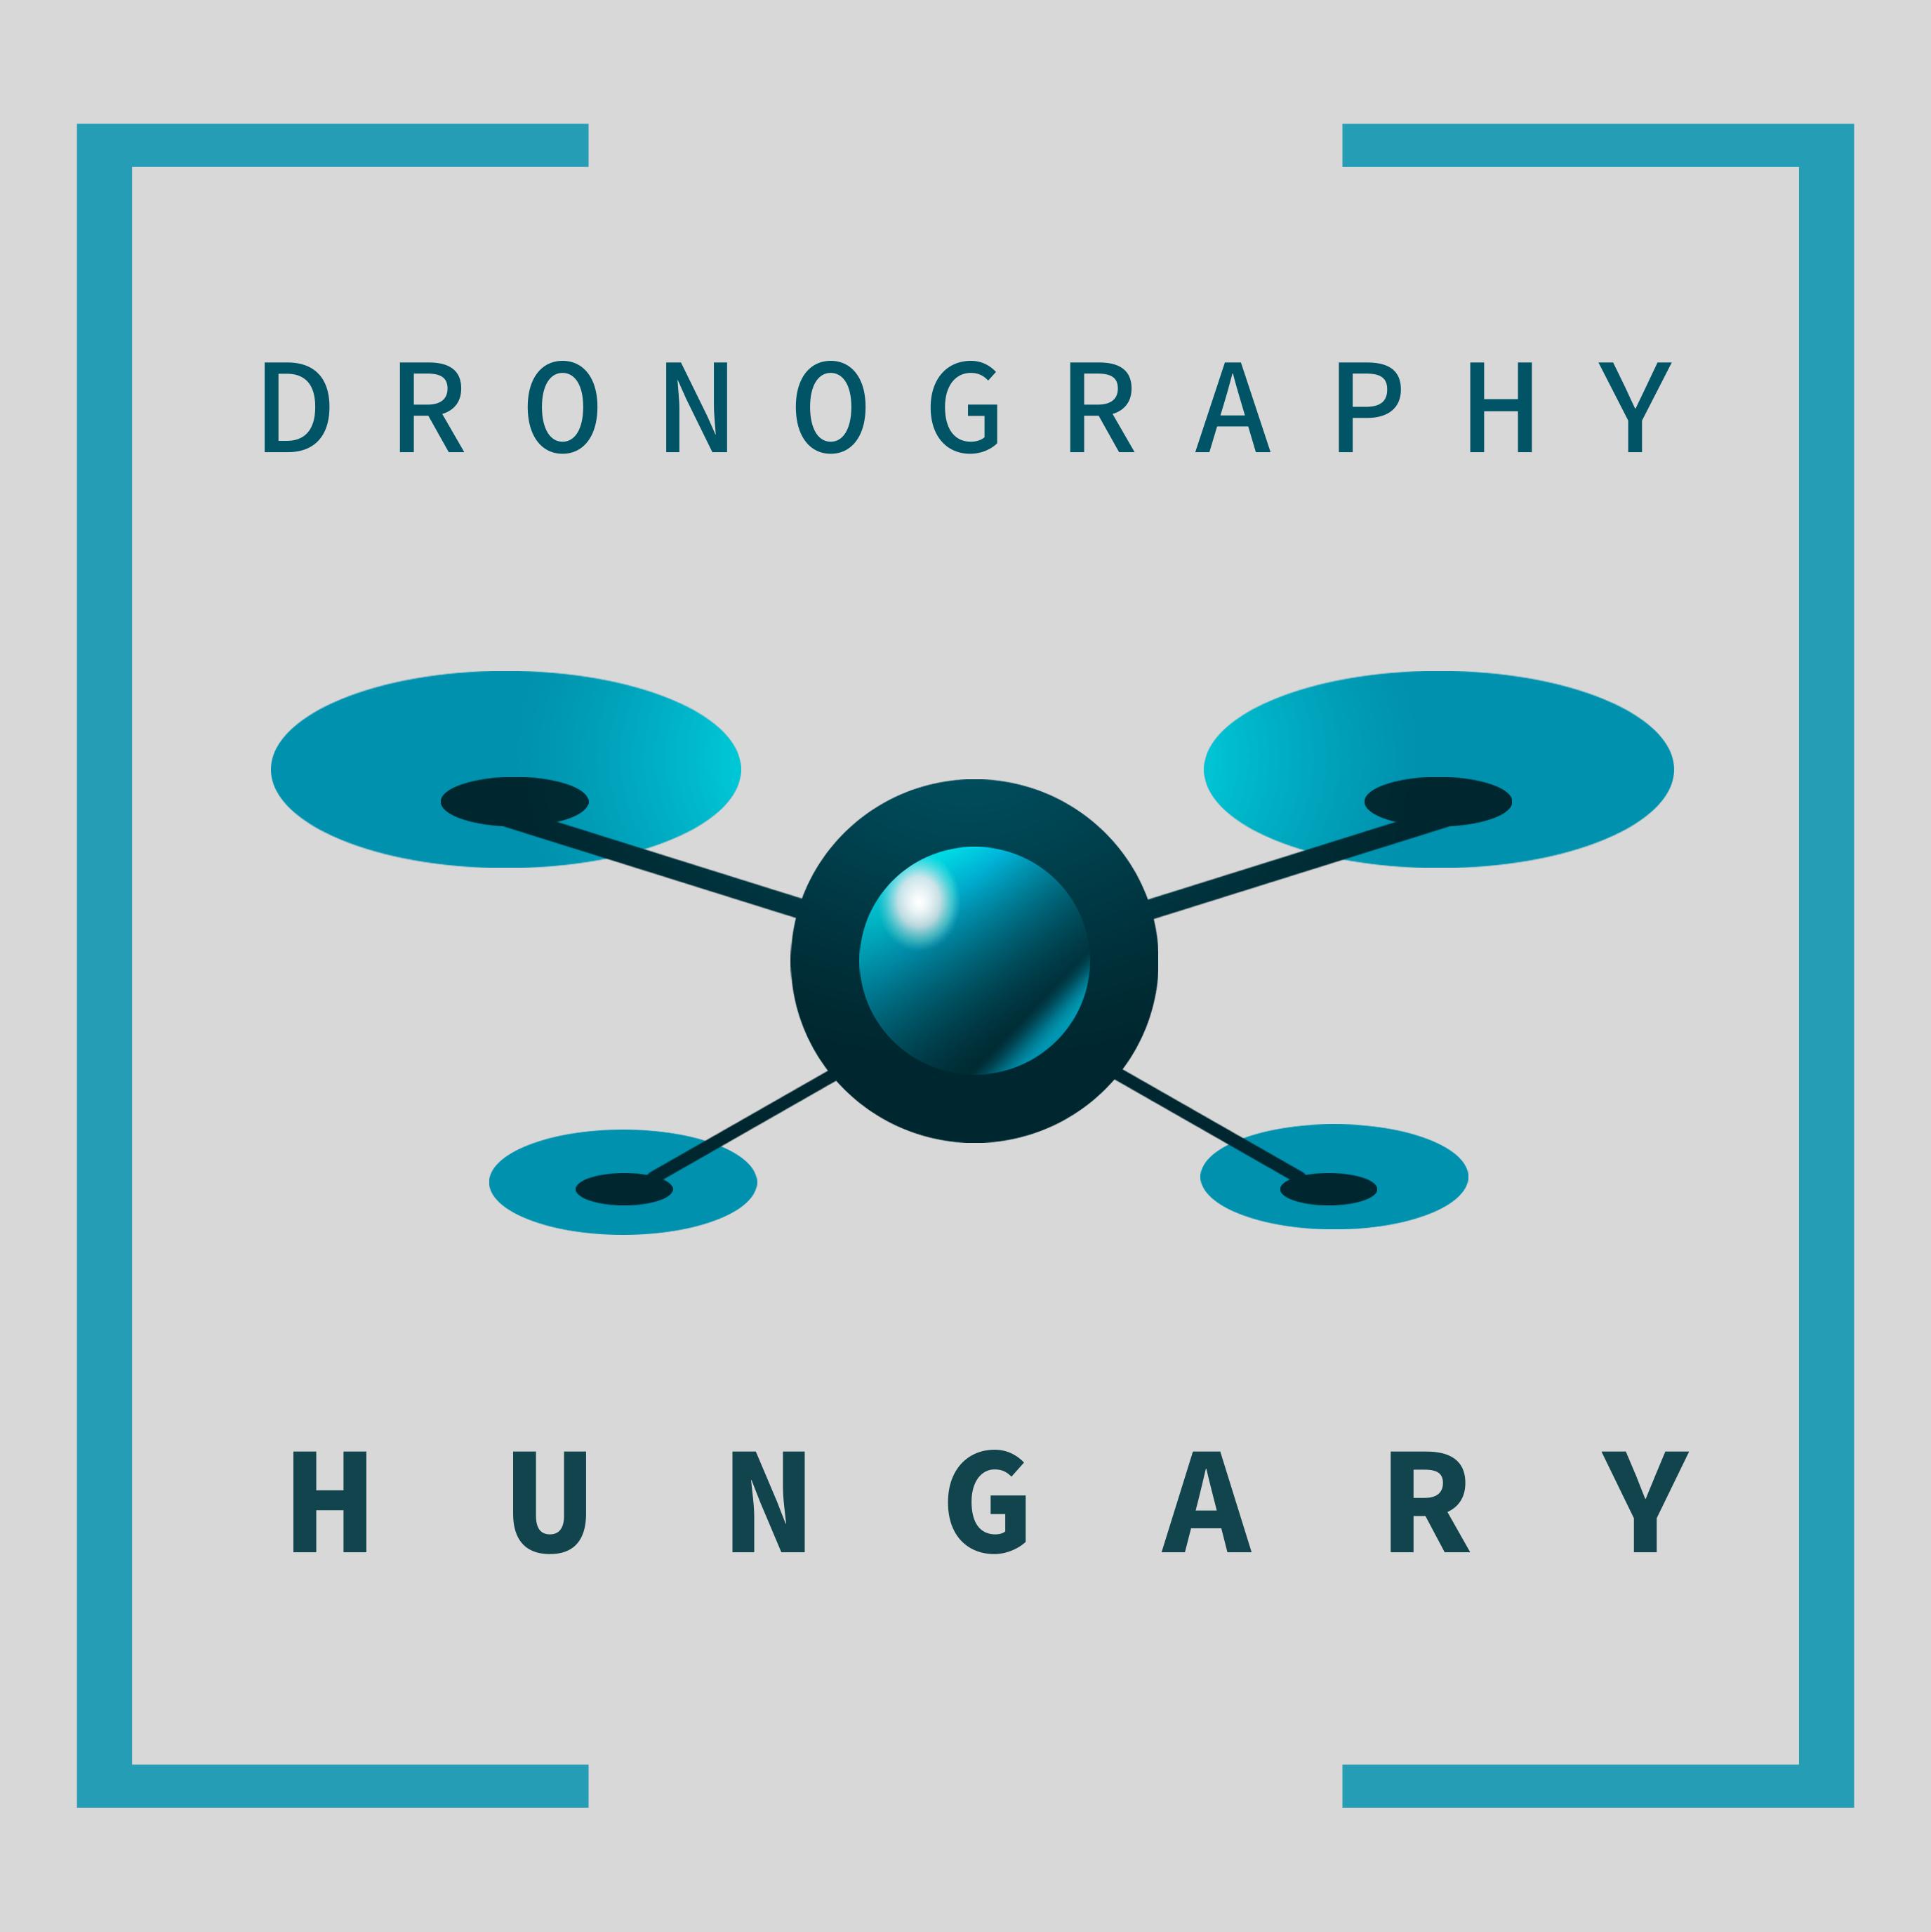 dronography_hungary_logo_main.png